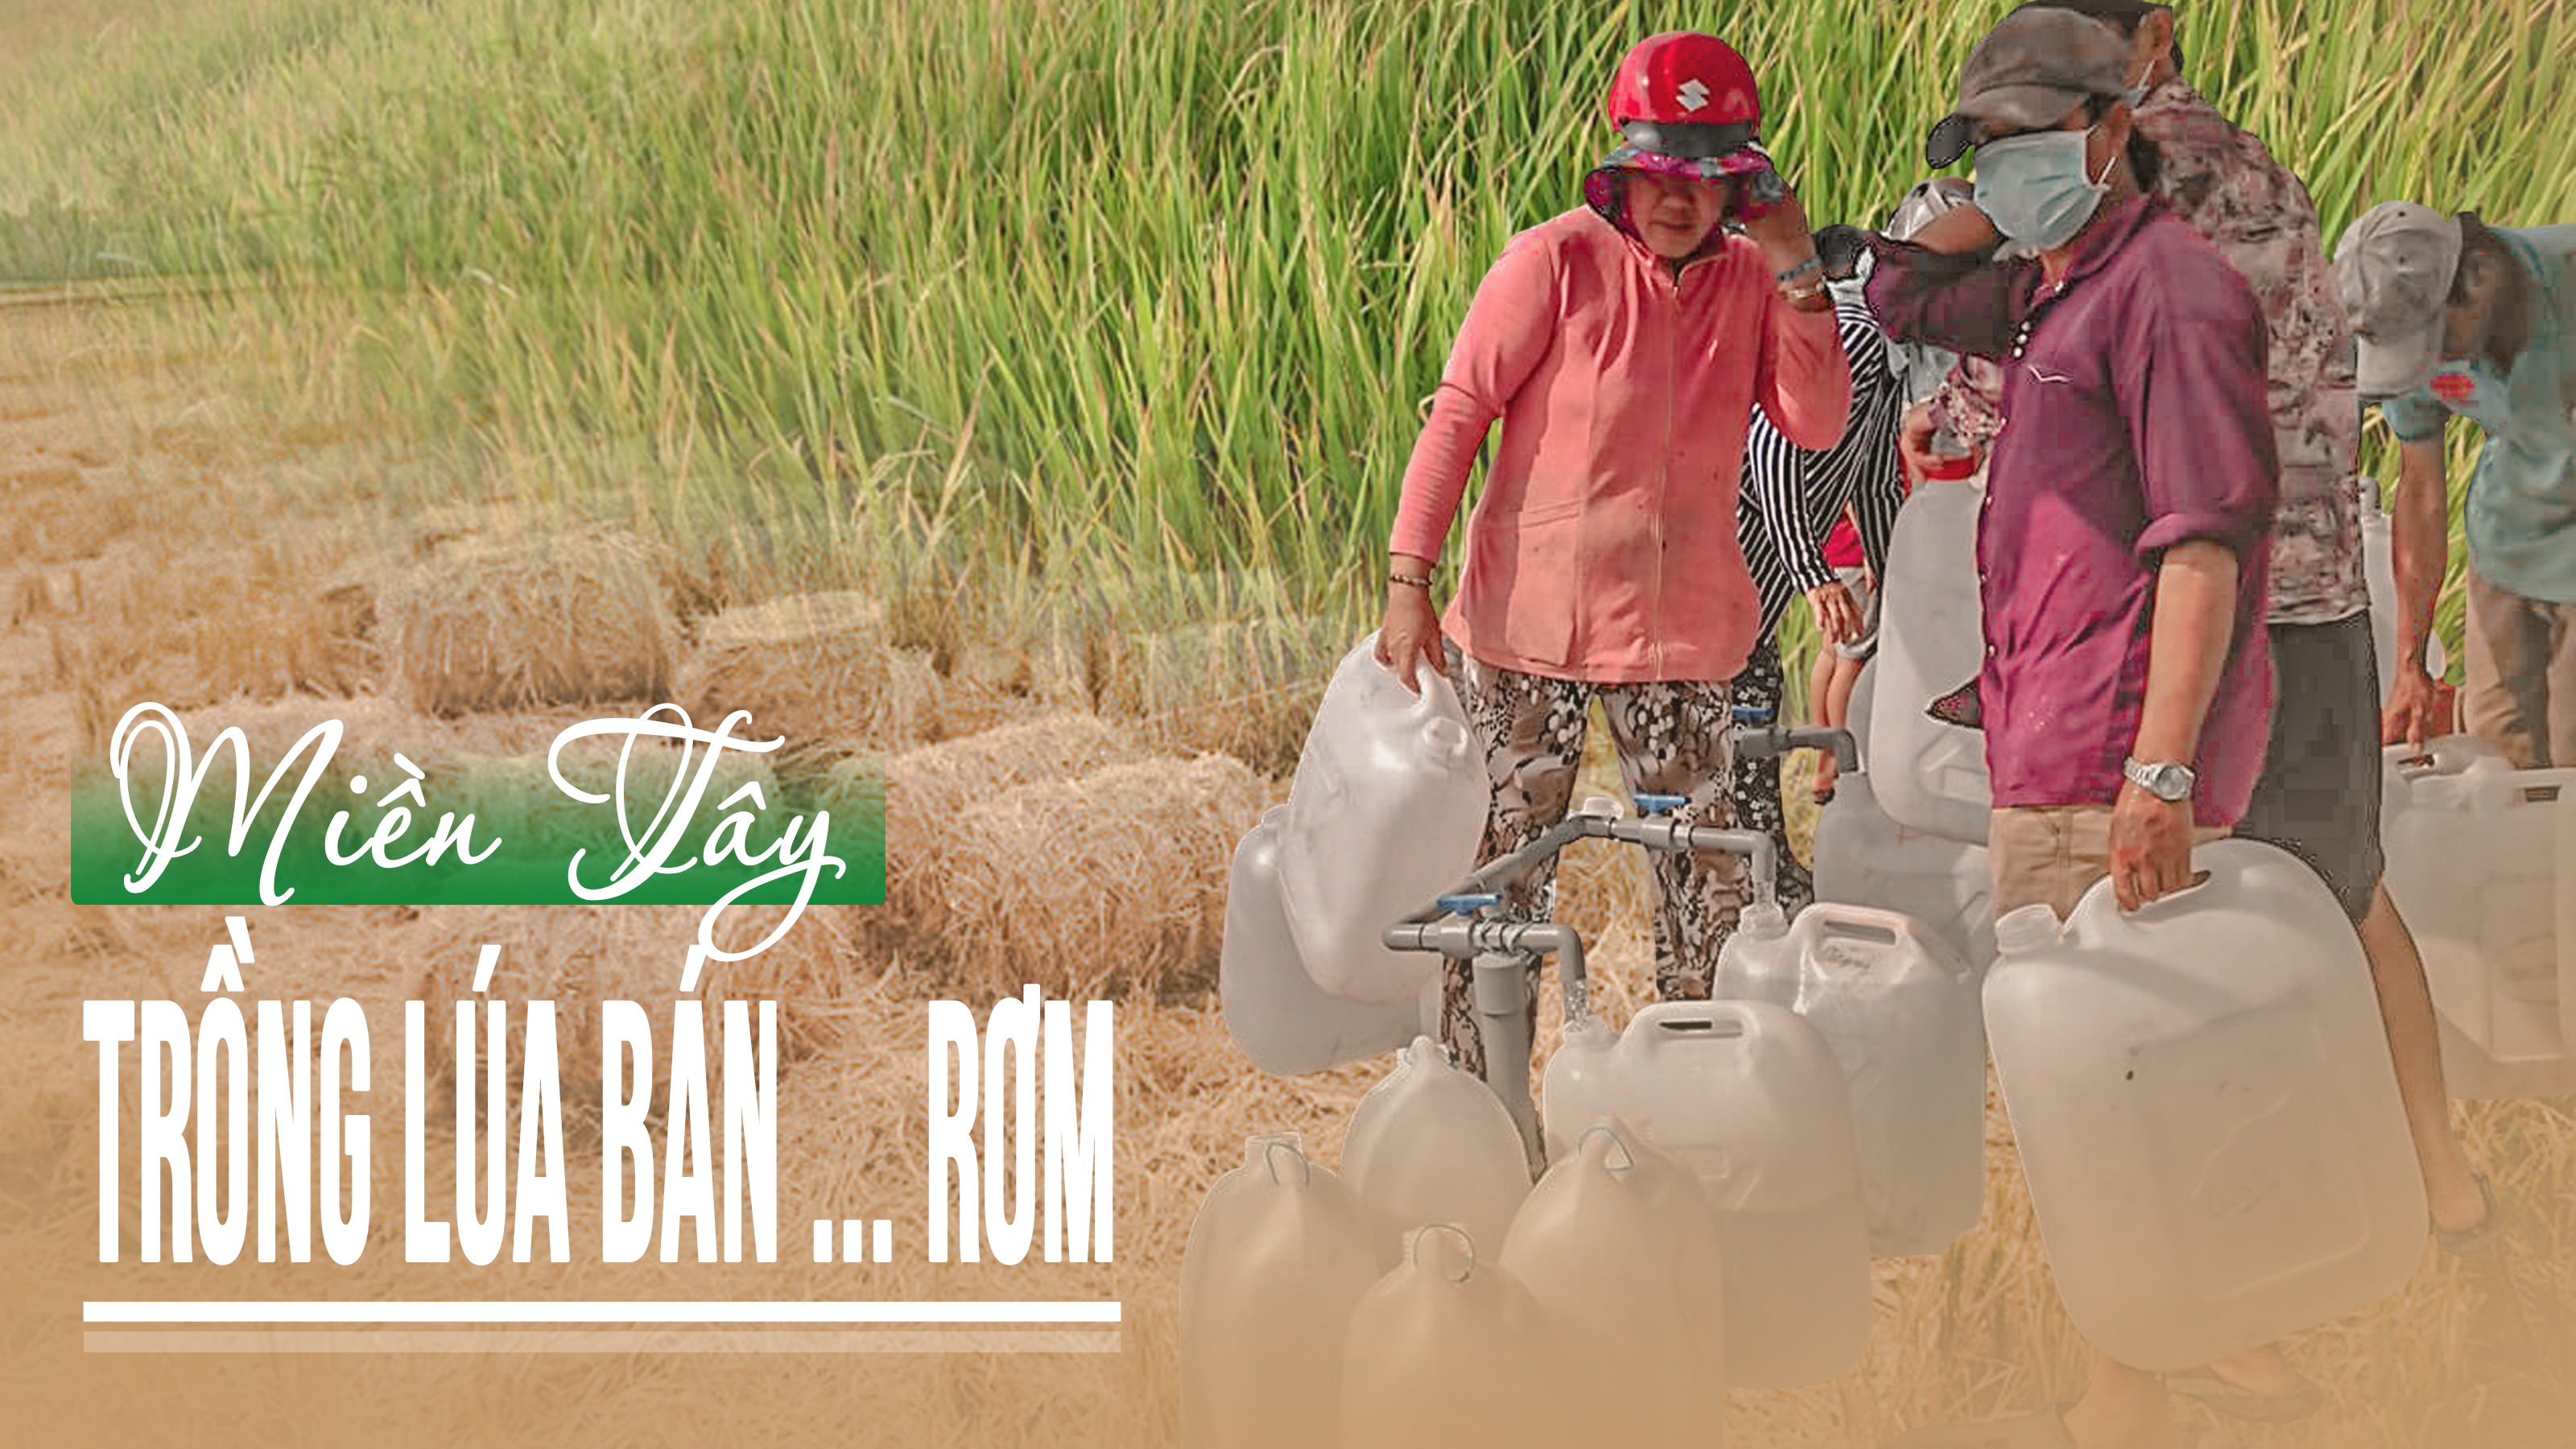 Miền Tây trồng lúa bán… rơm